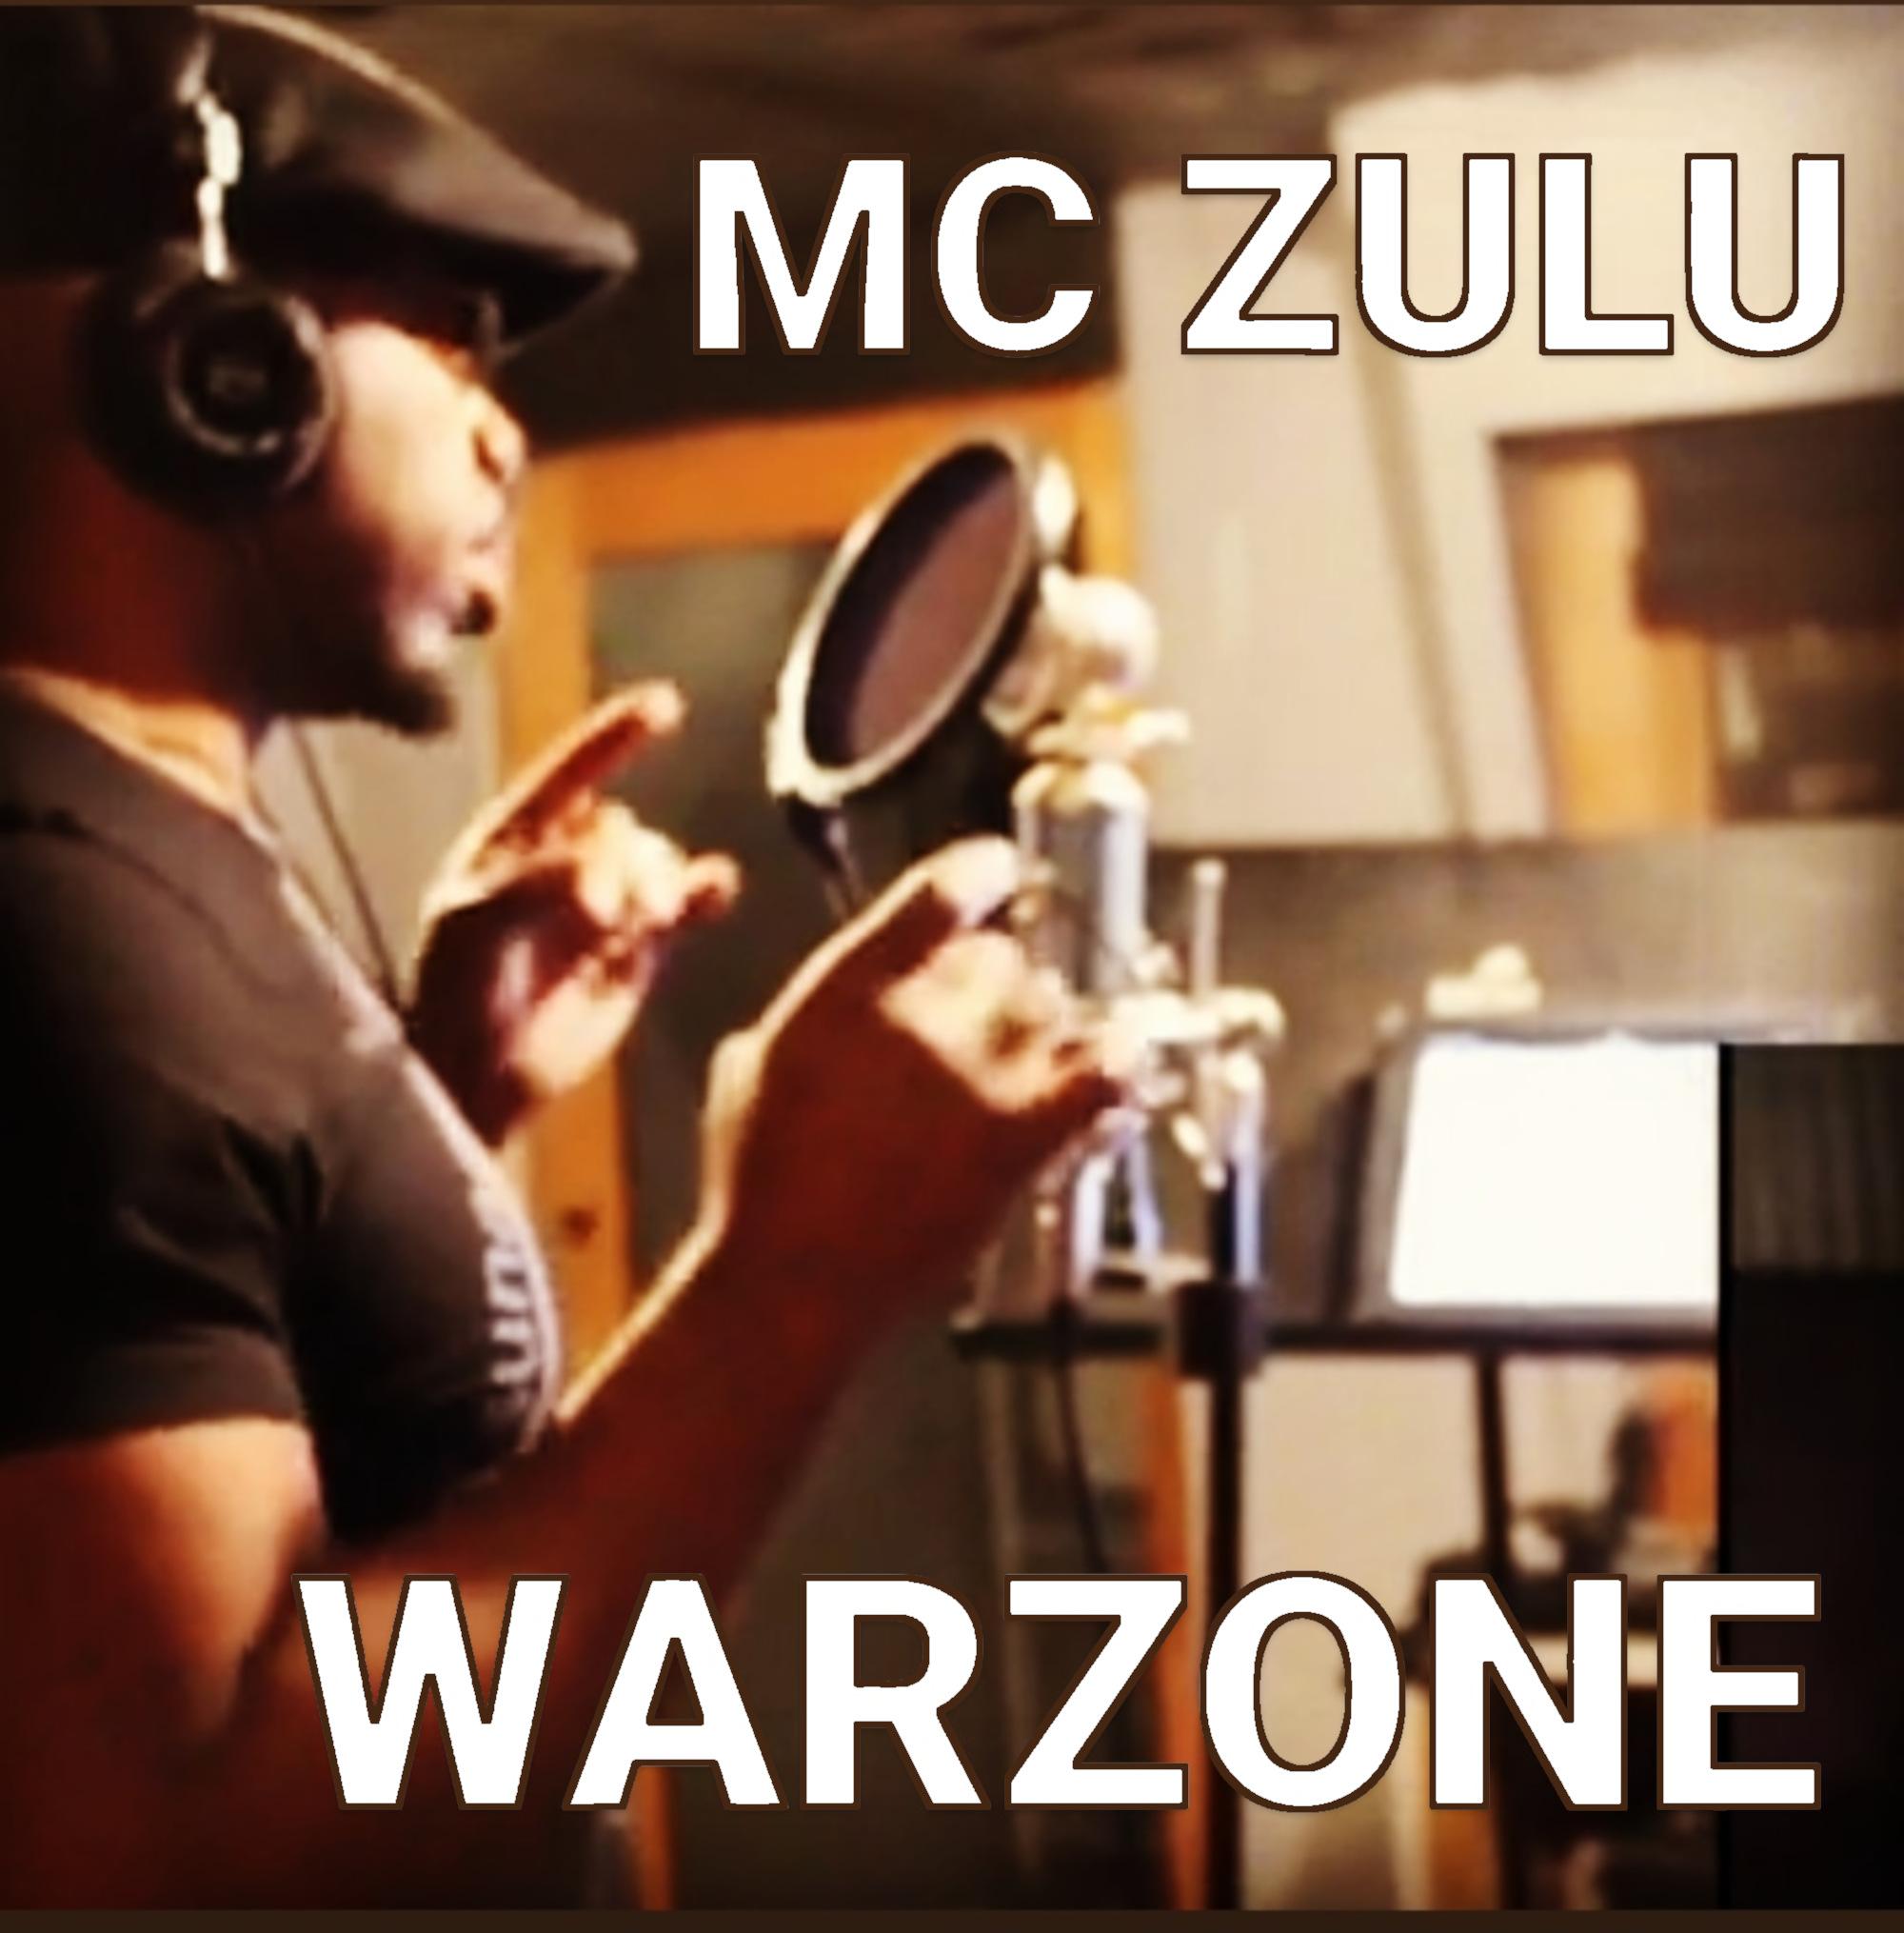 Warzone-BandCamp